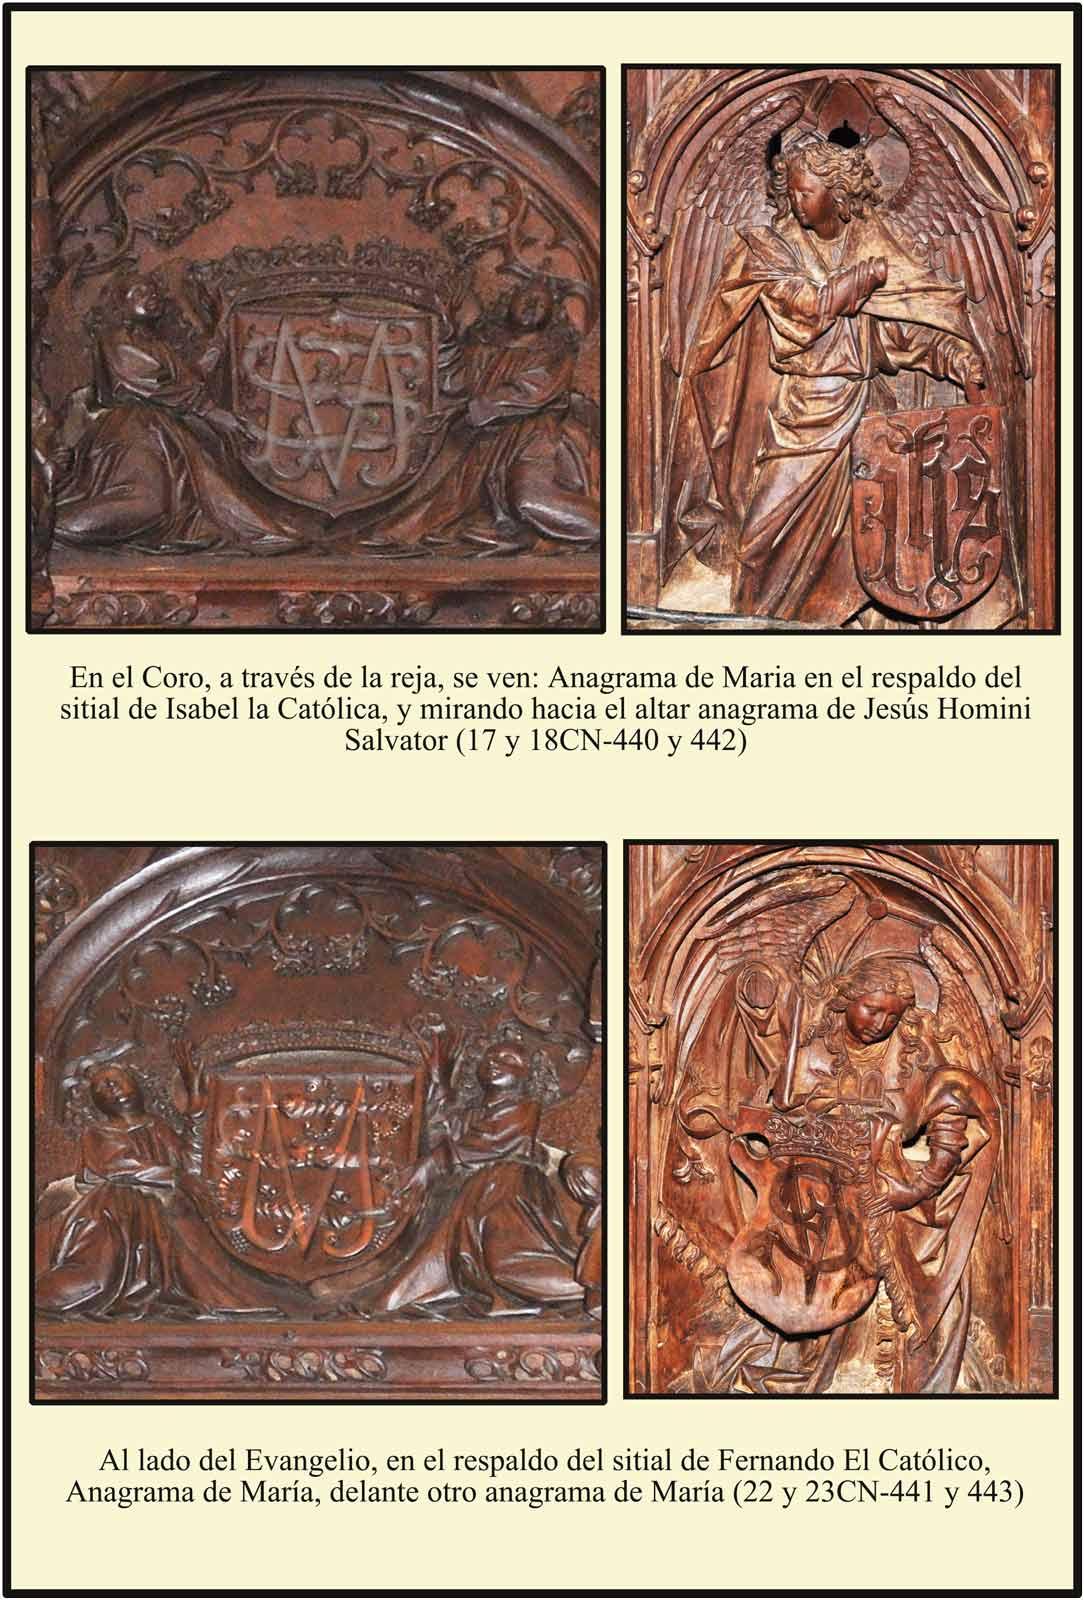 Catedral Plasencia Escudos y anagramas de María y JHS en los sitiales de los Reyes Catolicos